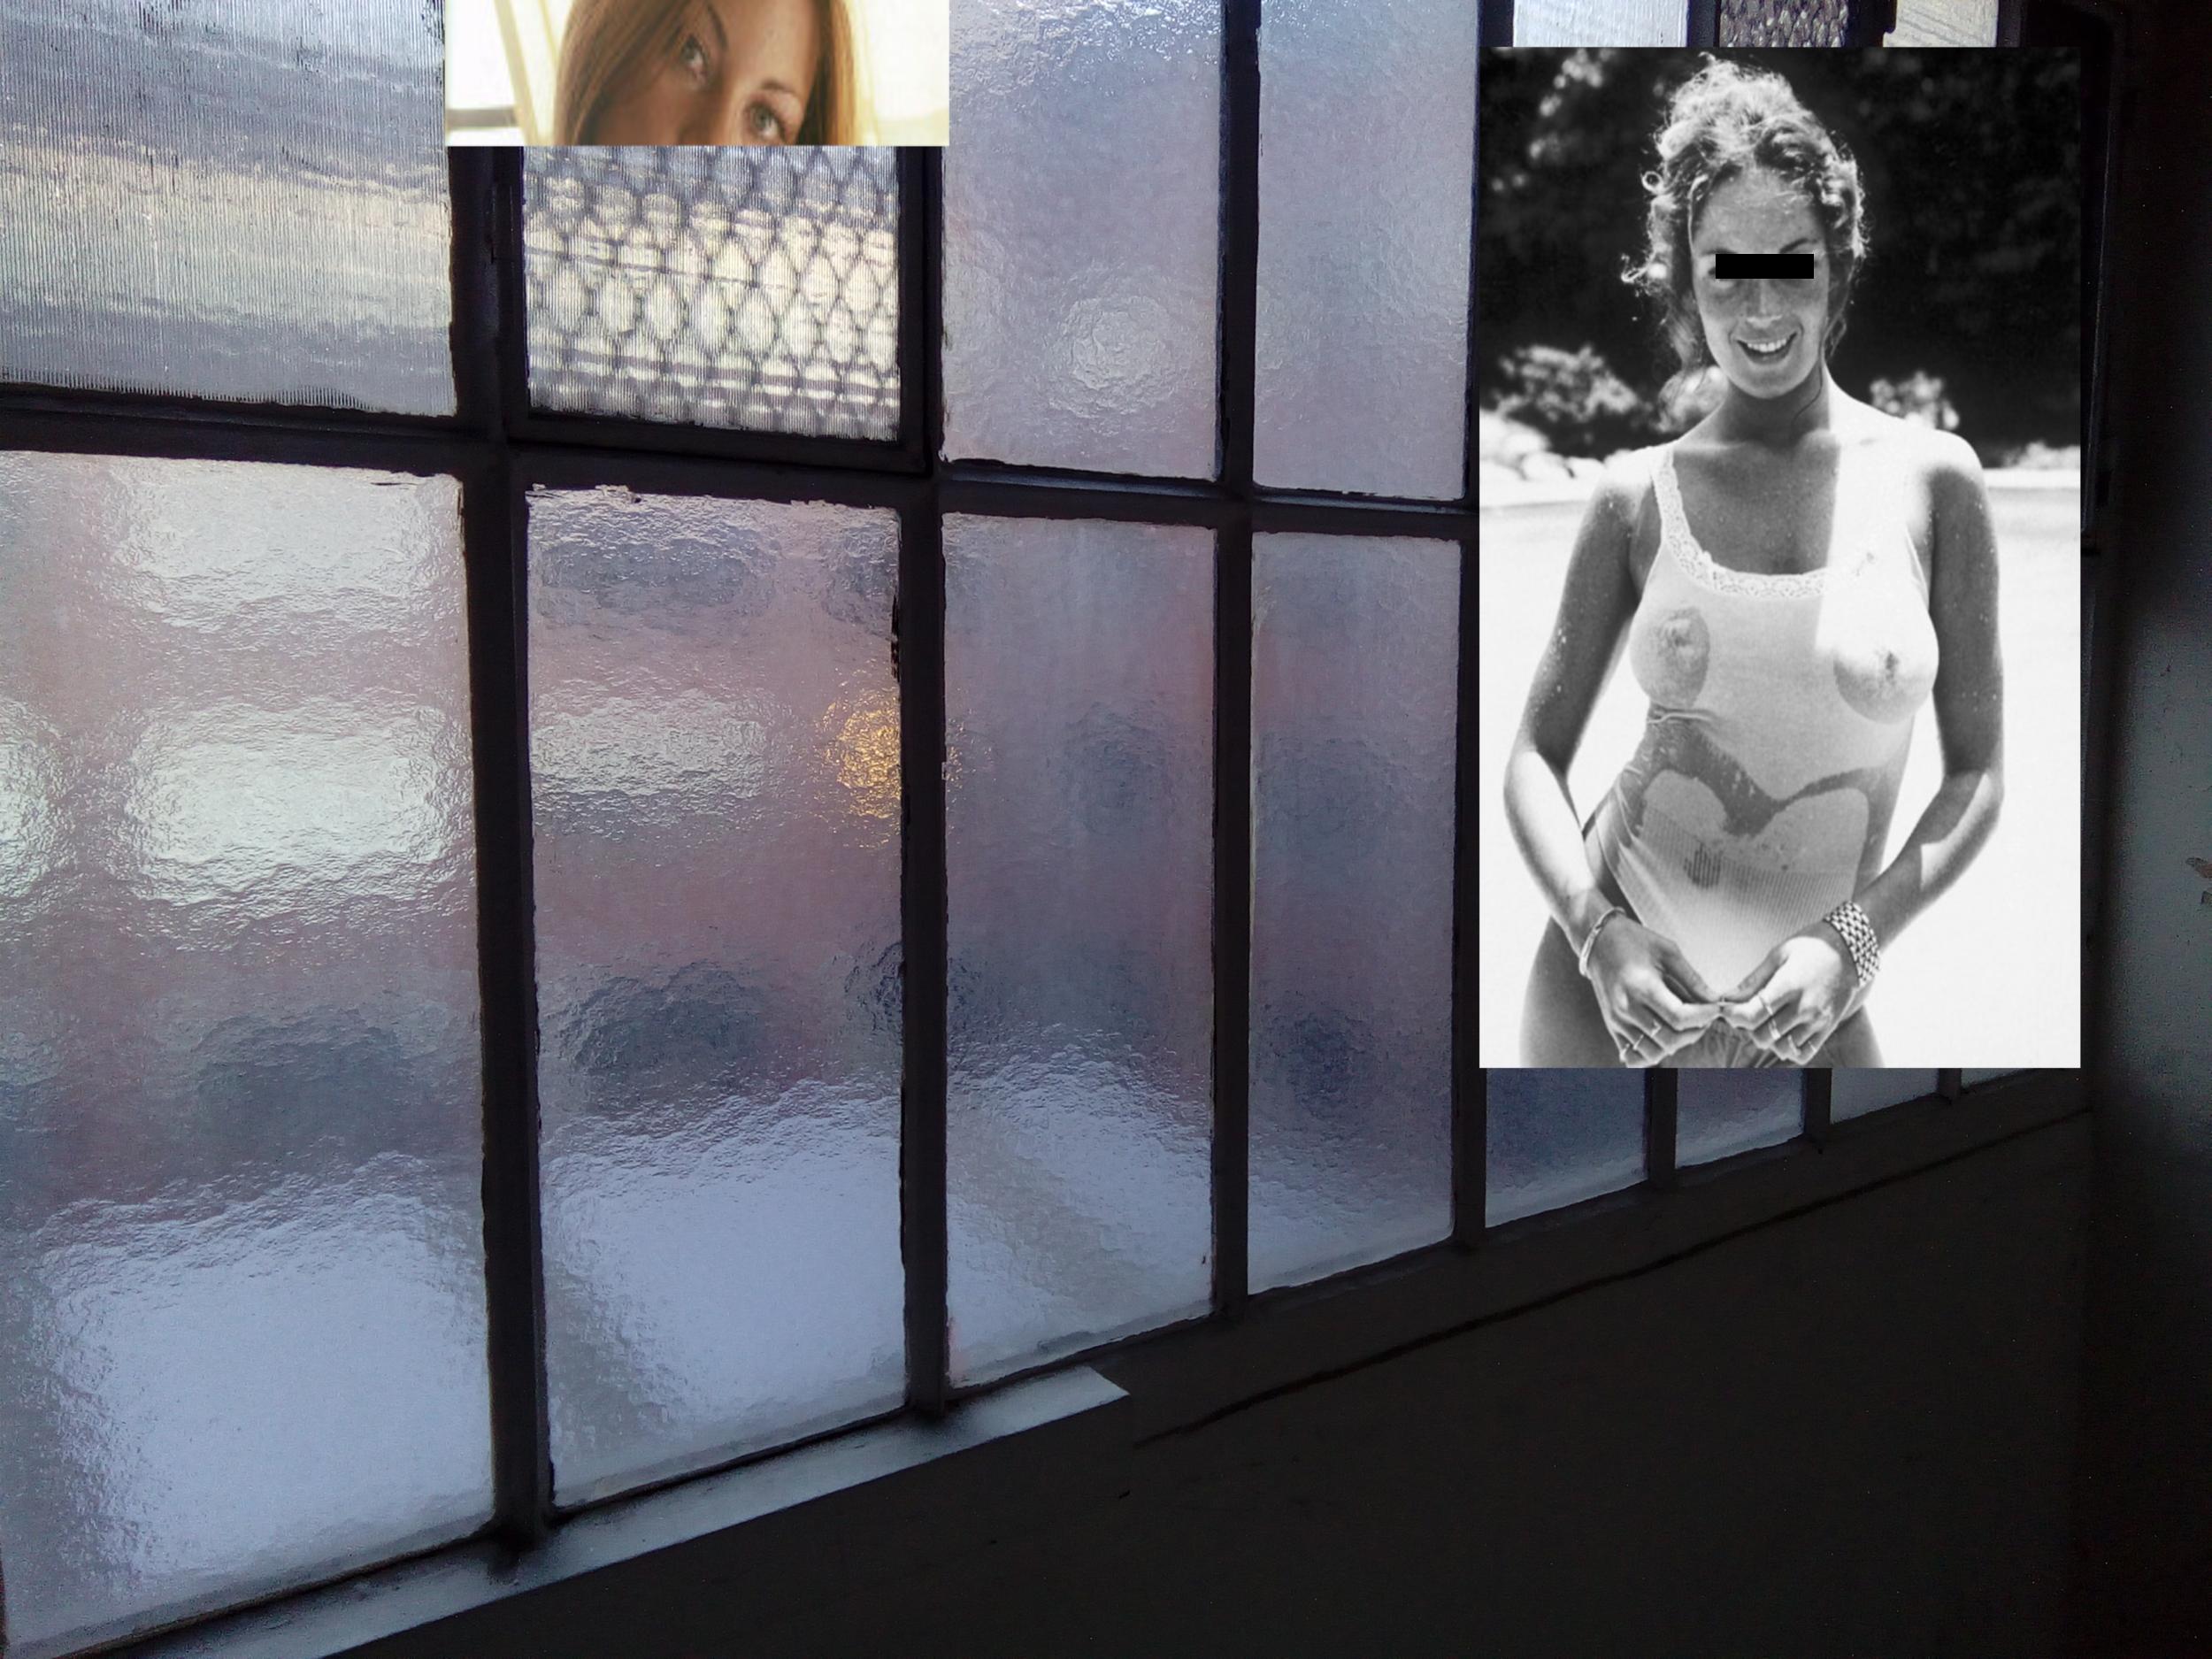 dusk windows wet t-shirt.png